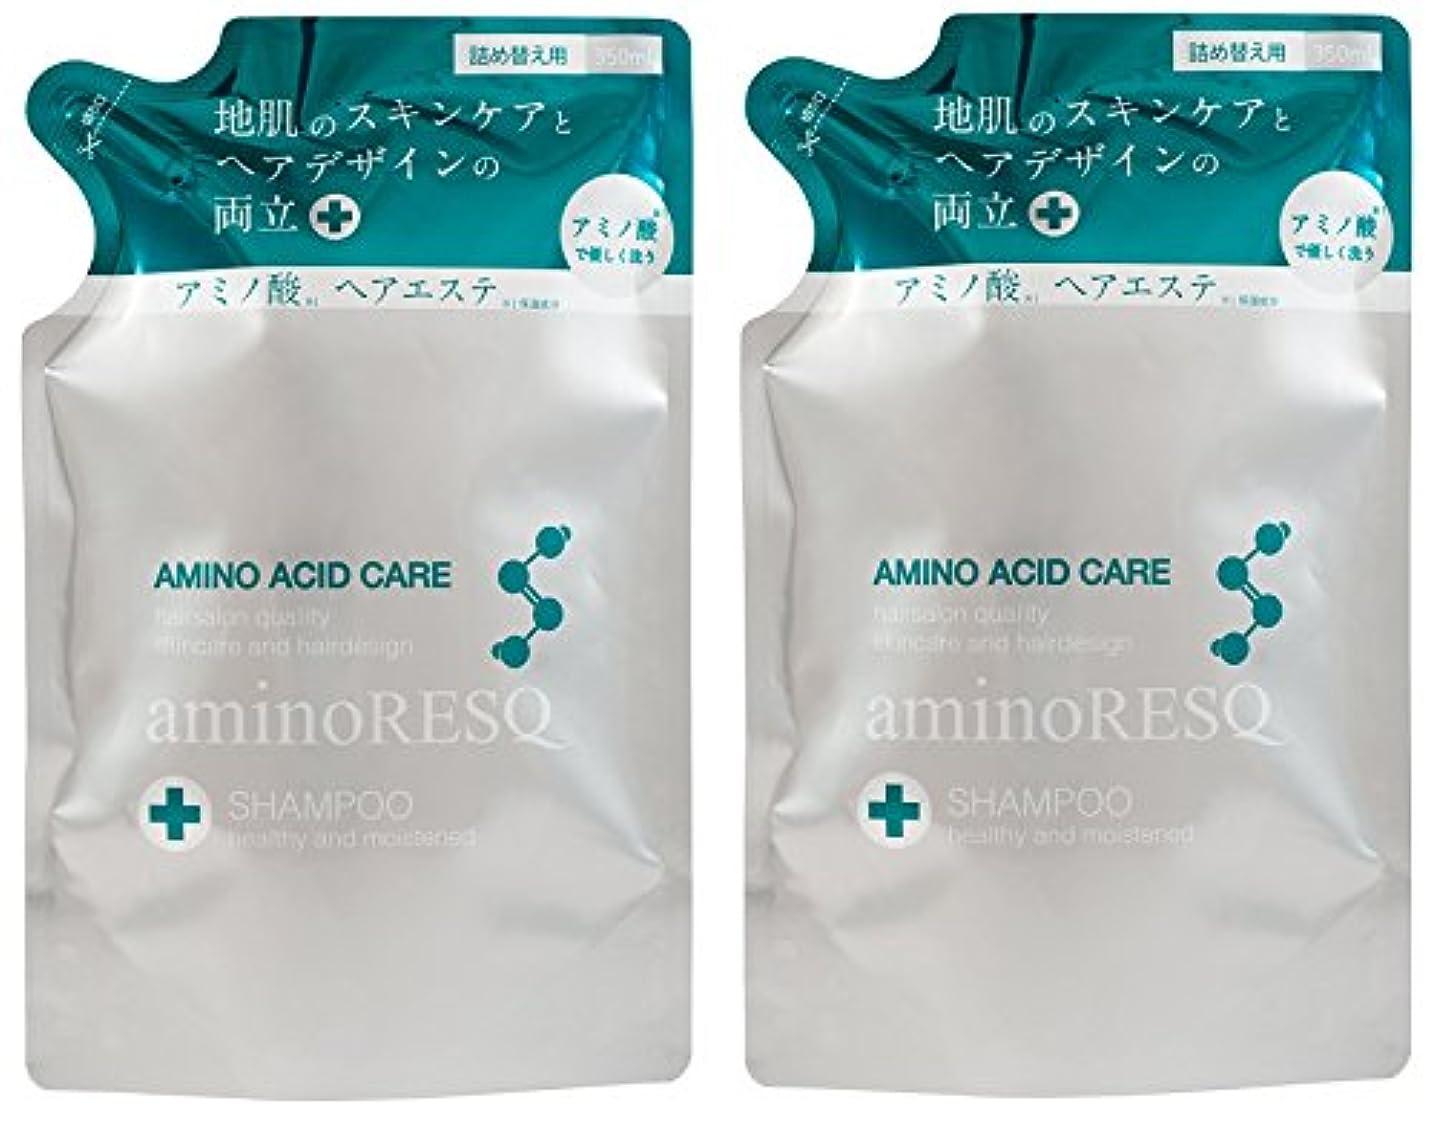 エンジニアリング診療所禁止する【2個セット】aminoRESQ アミノレスキュー シャンプー詰替